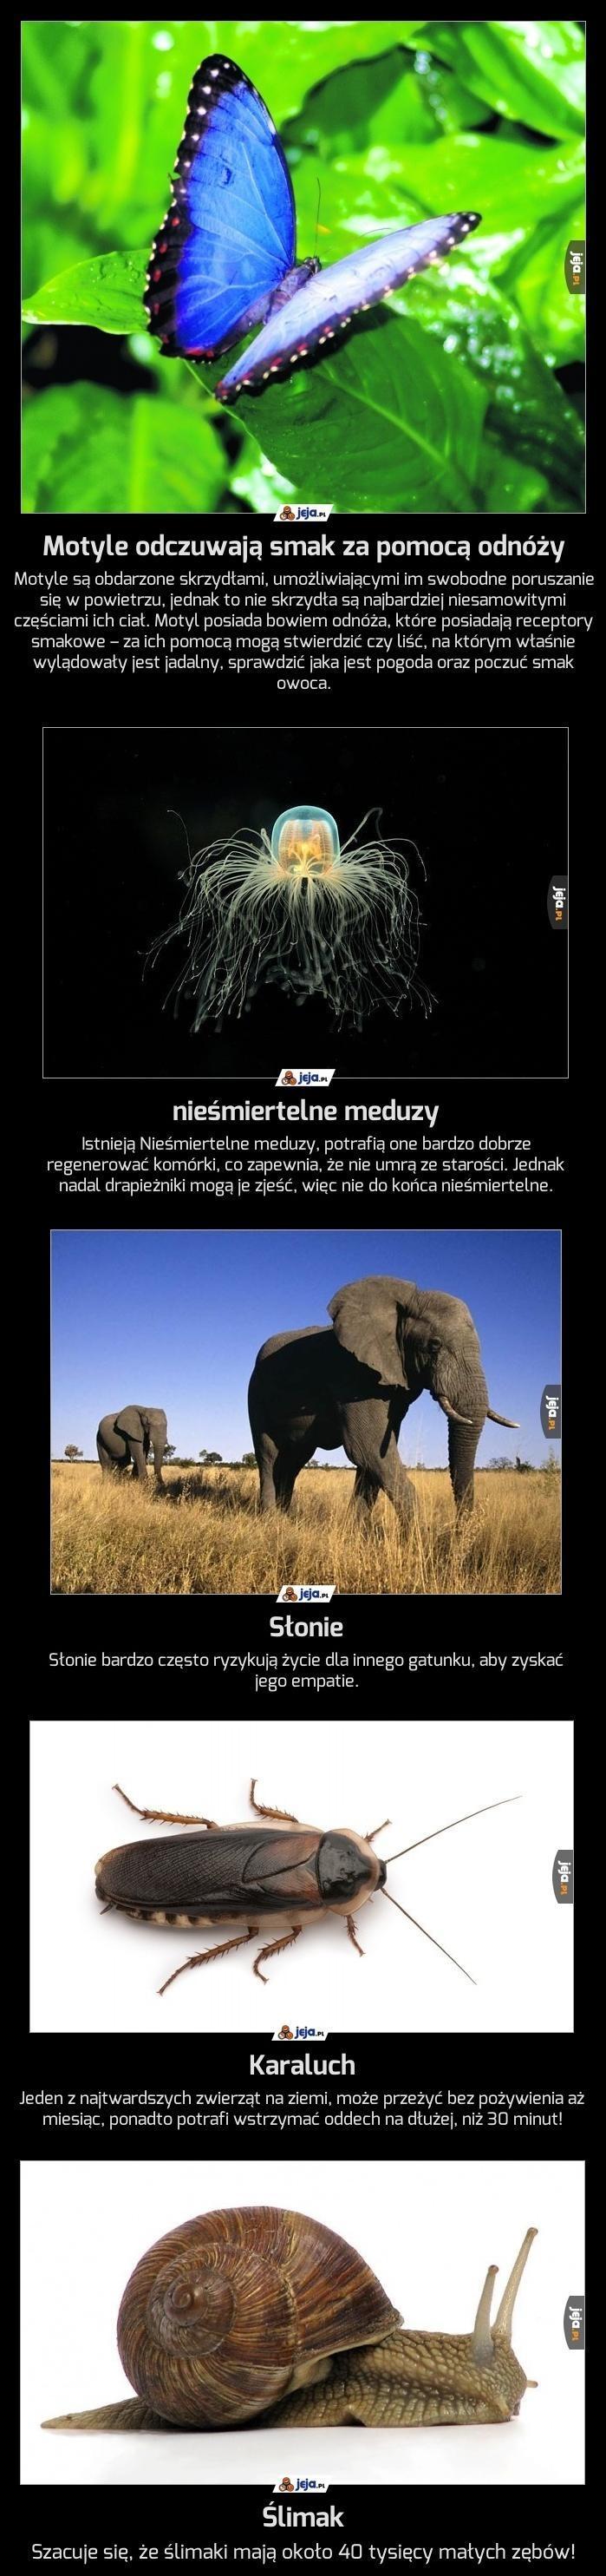 Ciekawostki ze świata zwierząt